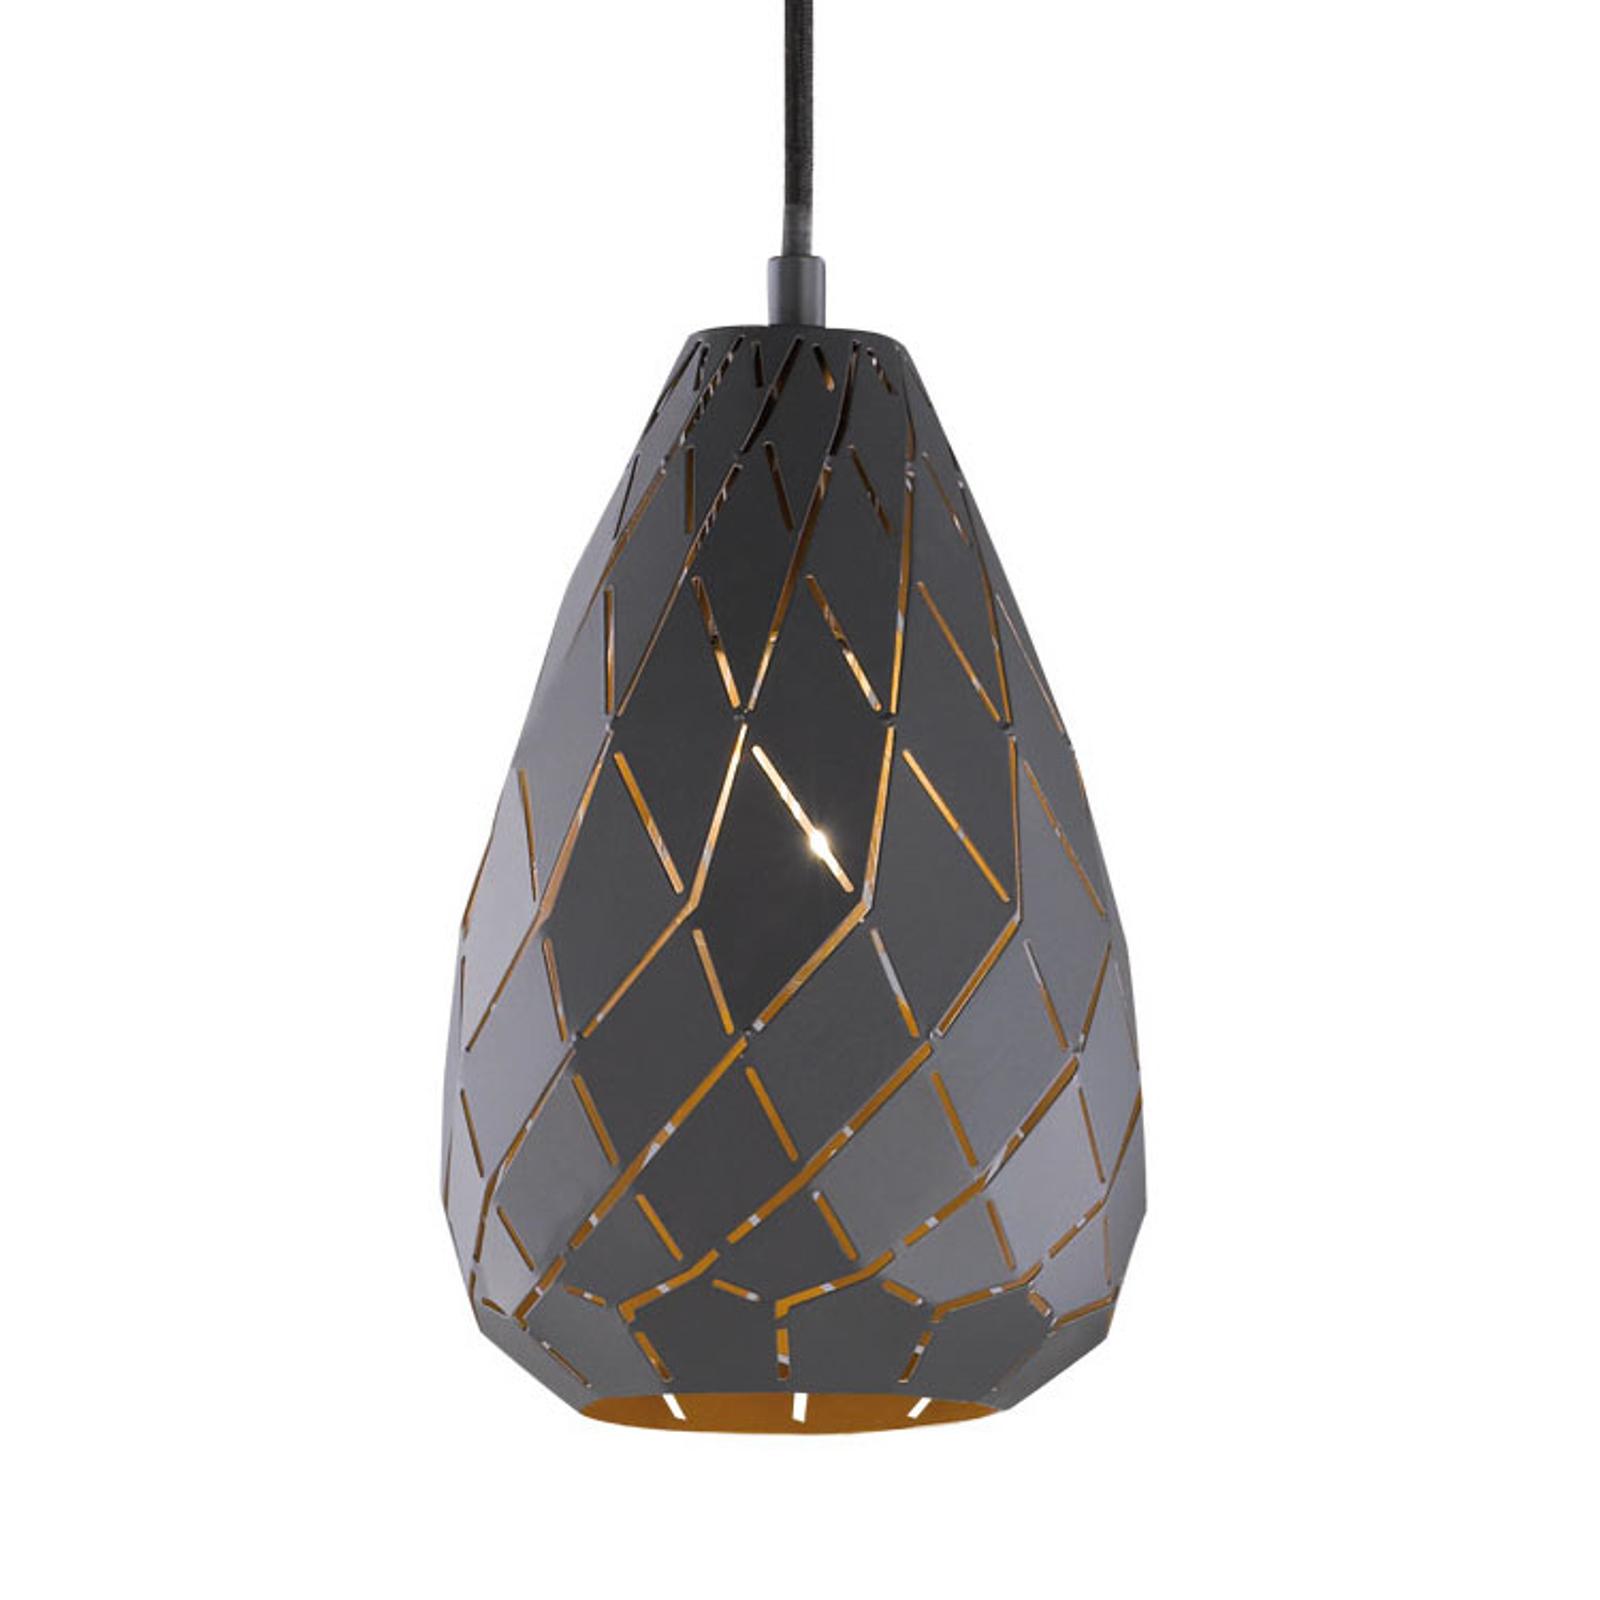 Diseño antracita y dorado - lámpara colgante Onyx